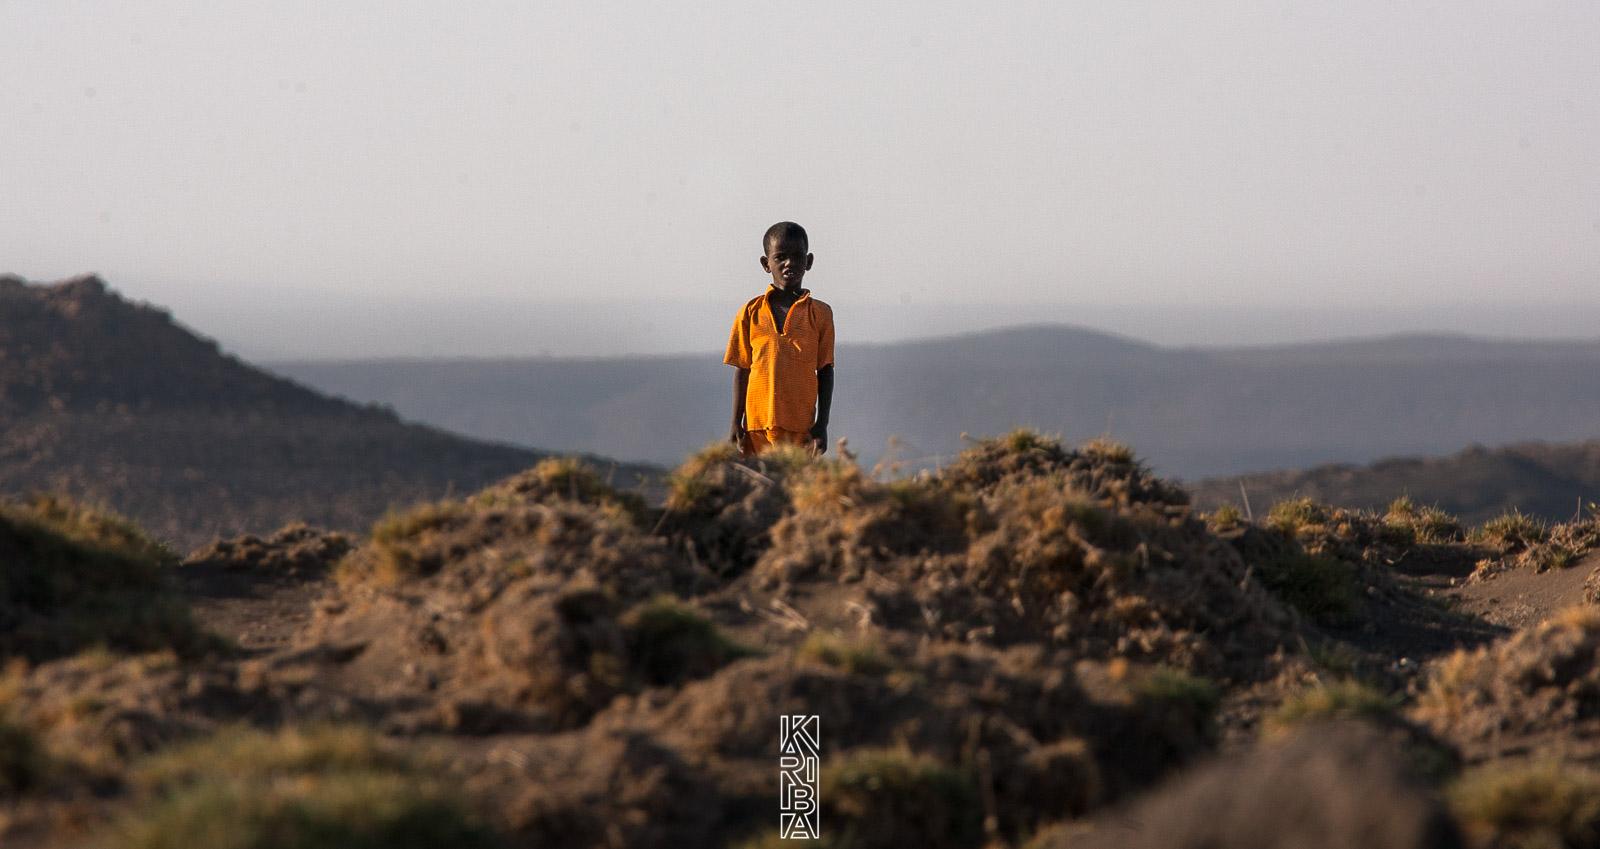 168-Djibouti-042009-Abbé.jpg